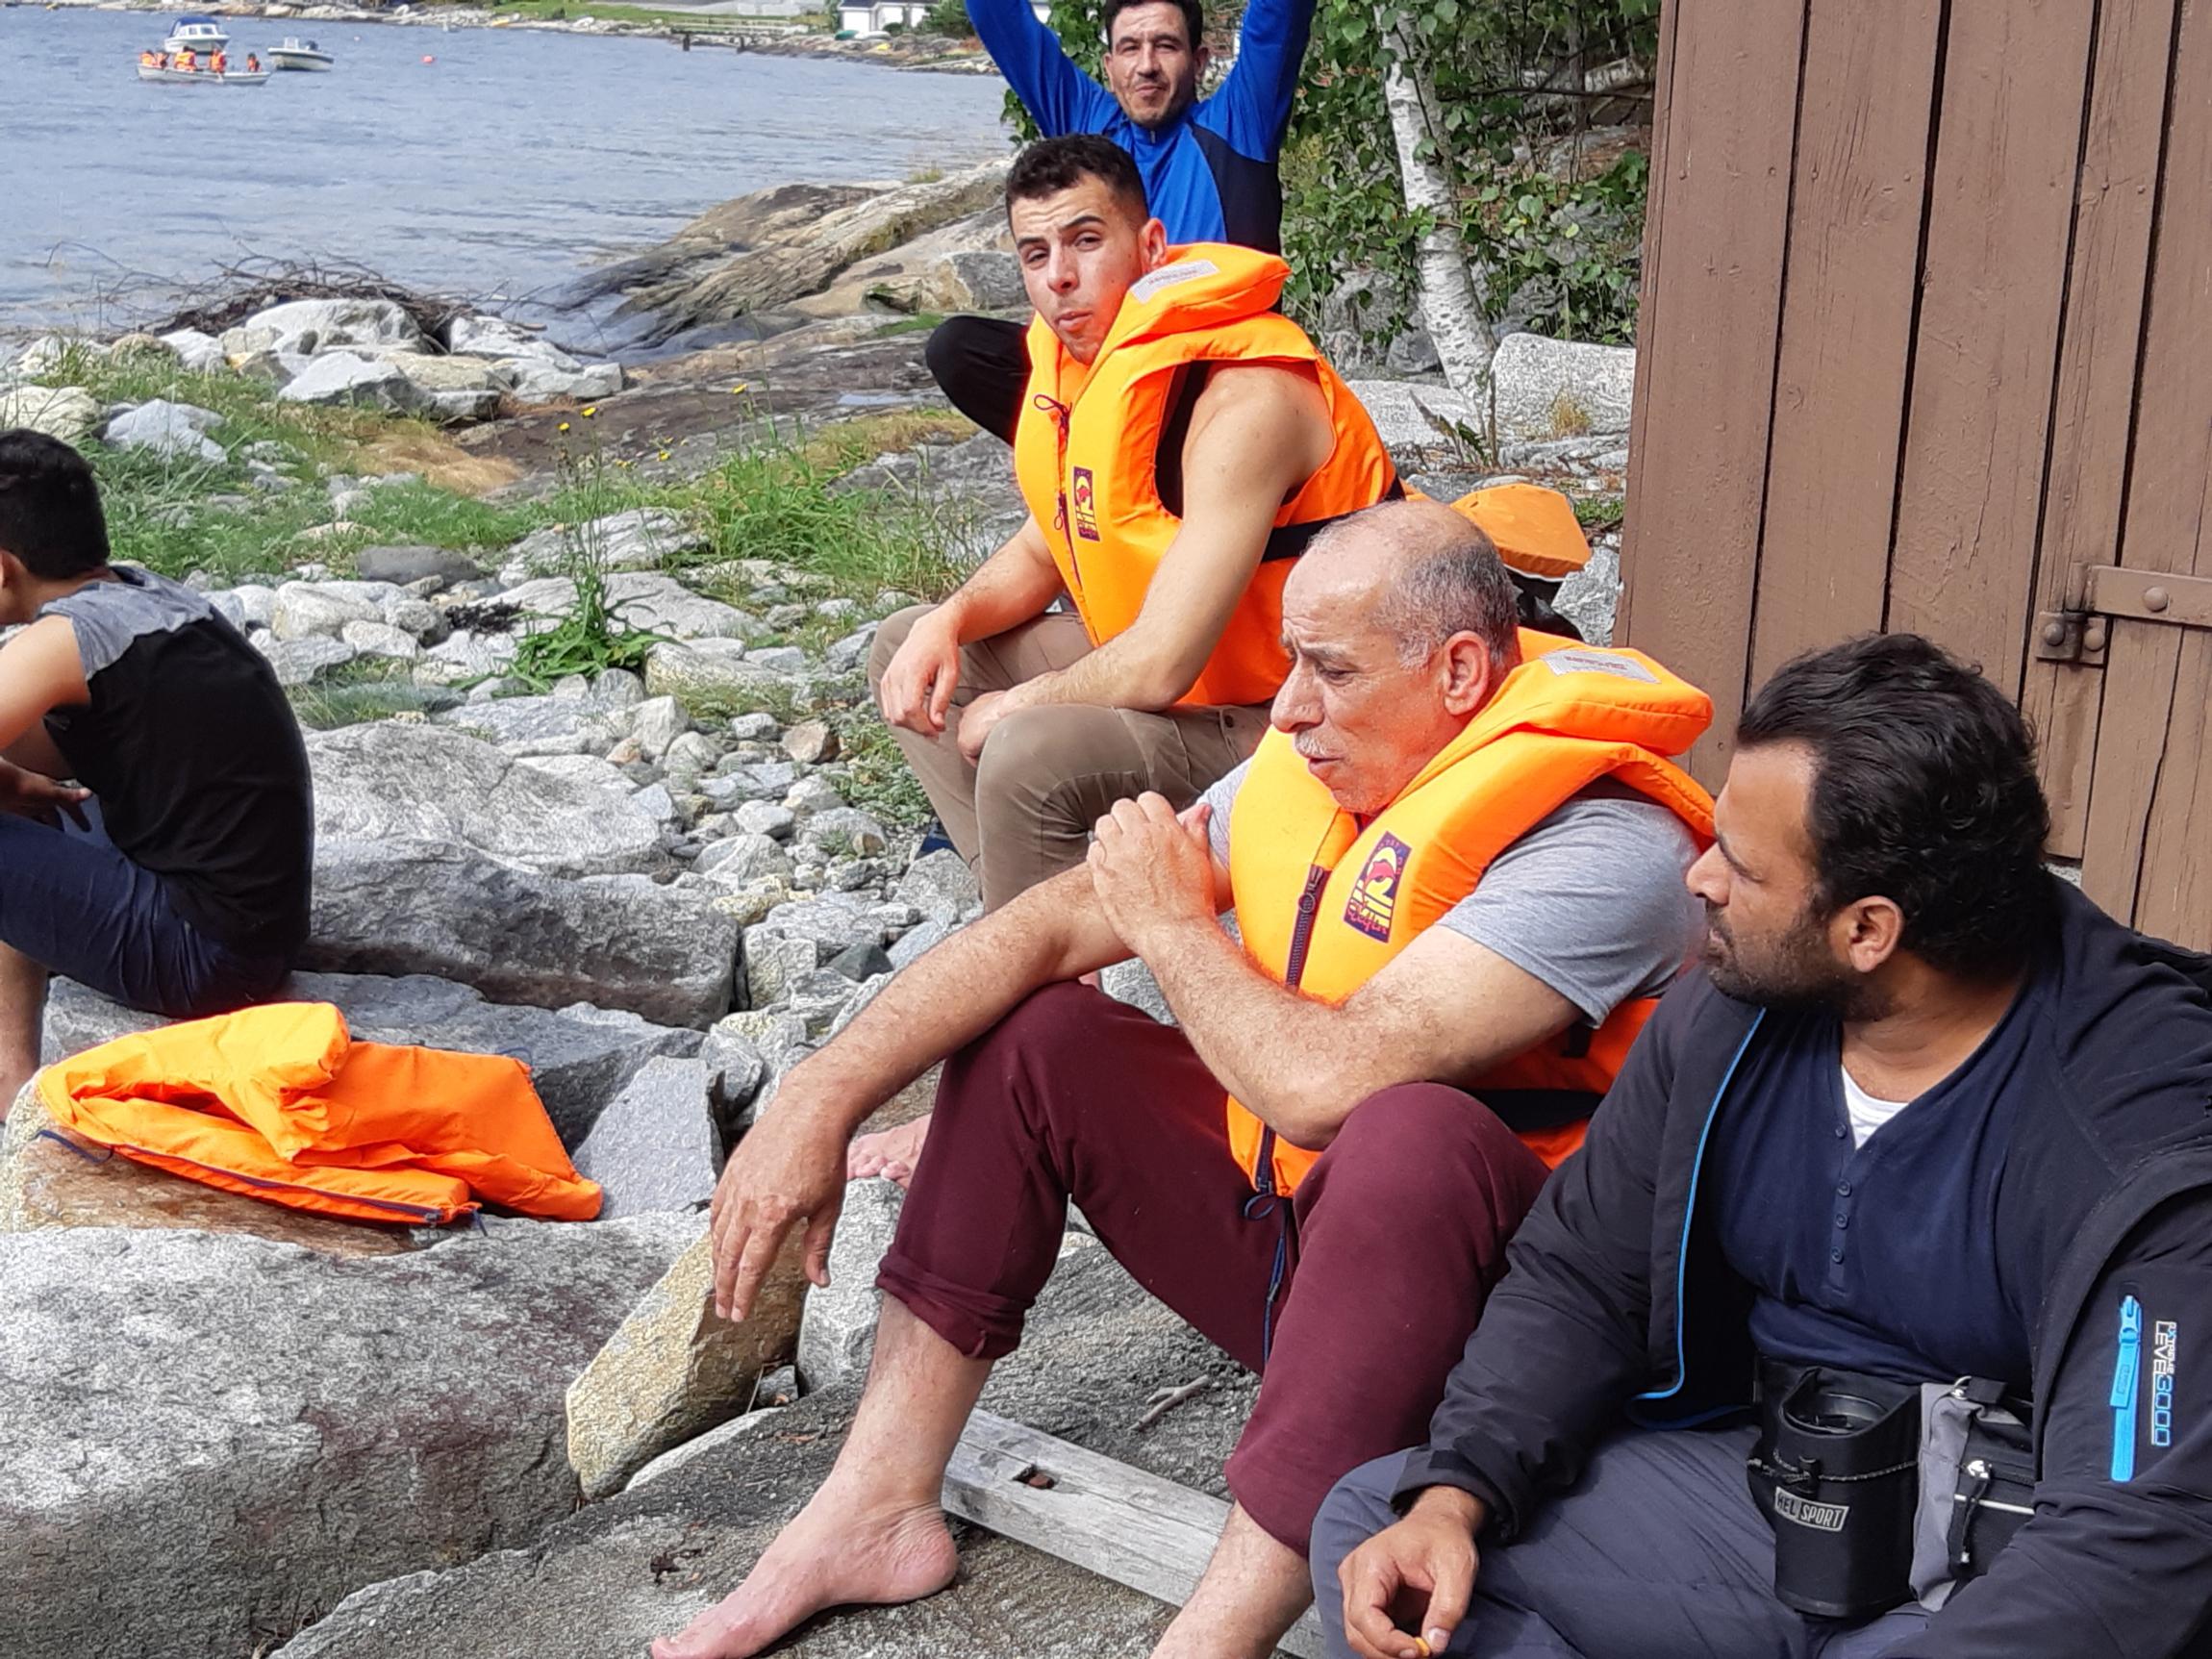 Menn i redningsvest sitter ved sjøkant